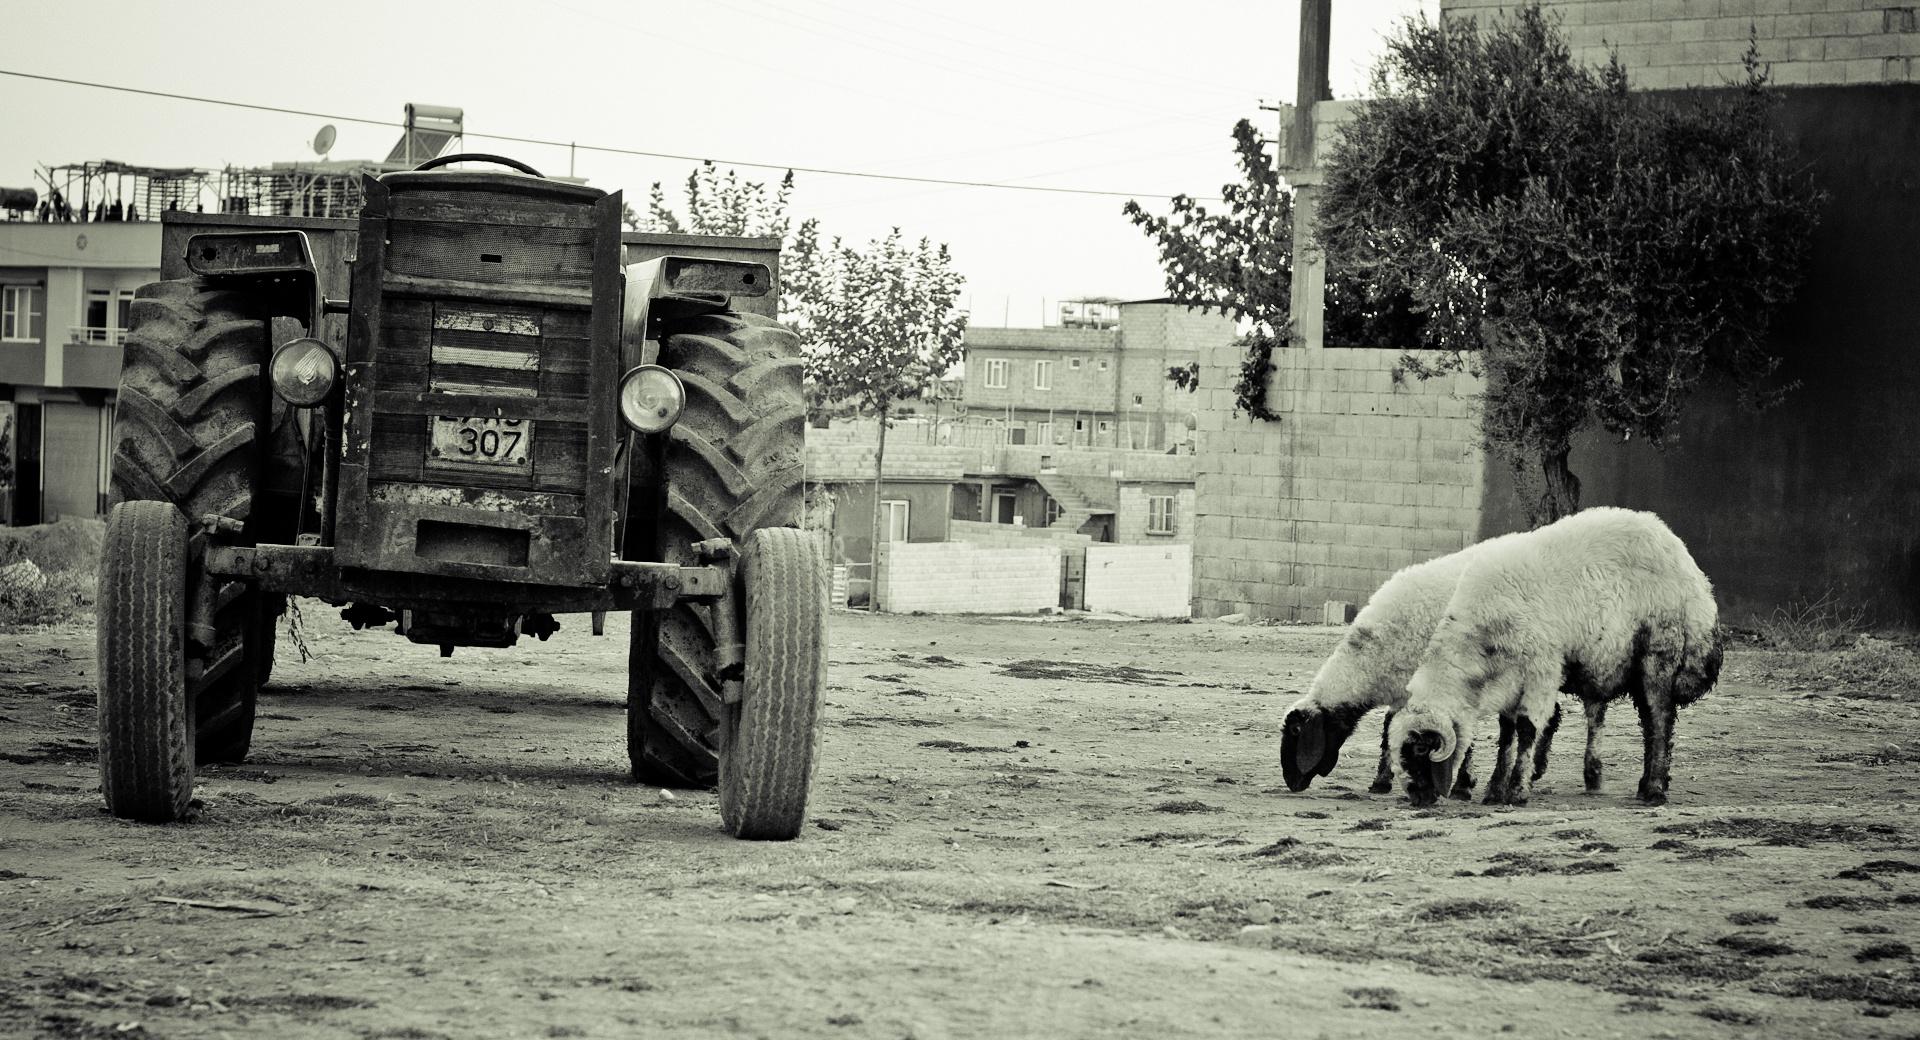 Dorf in der Türkei